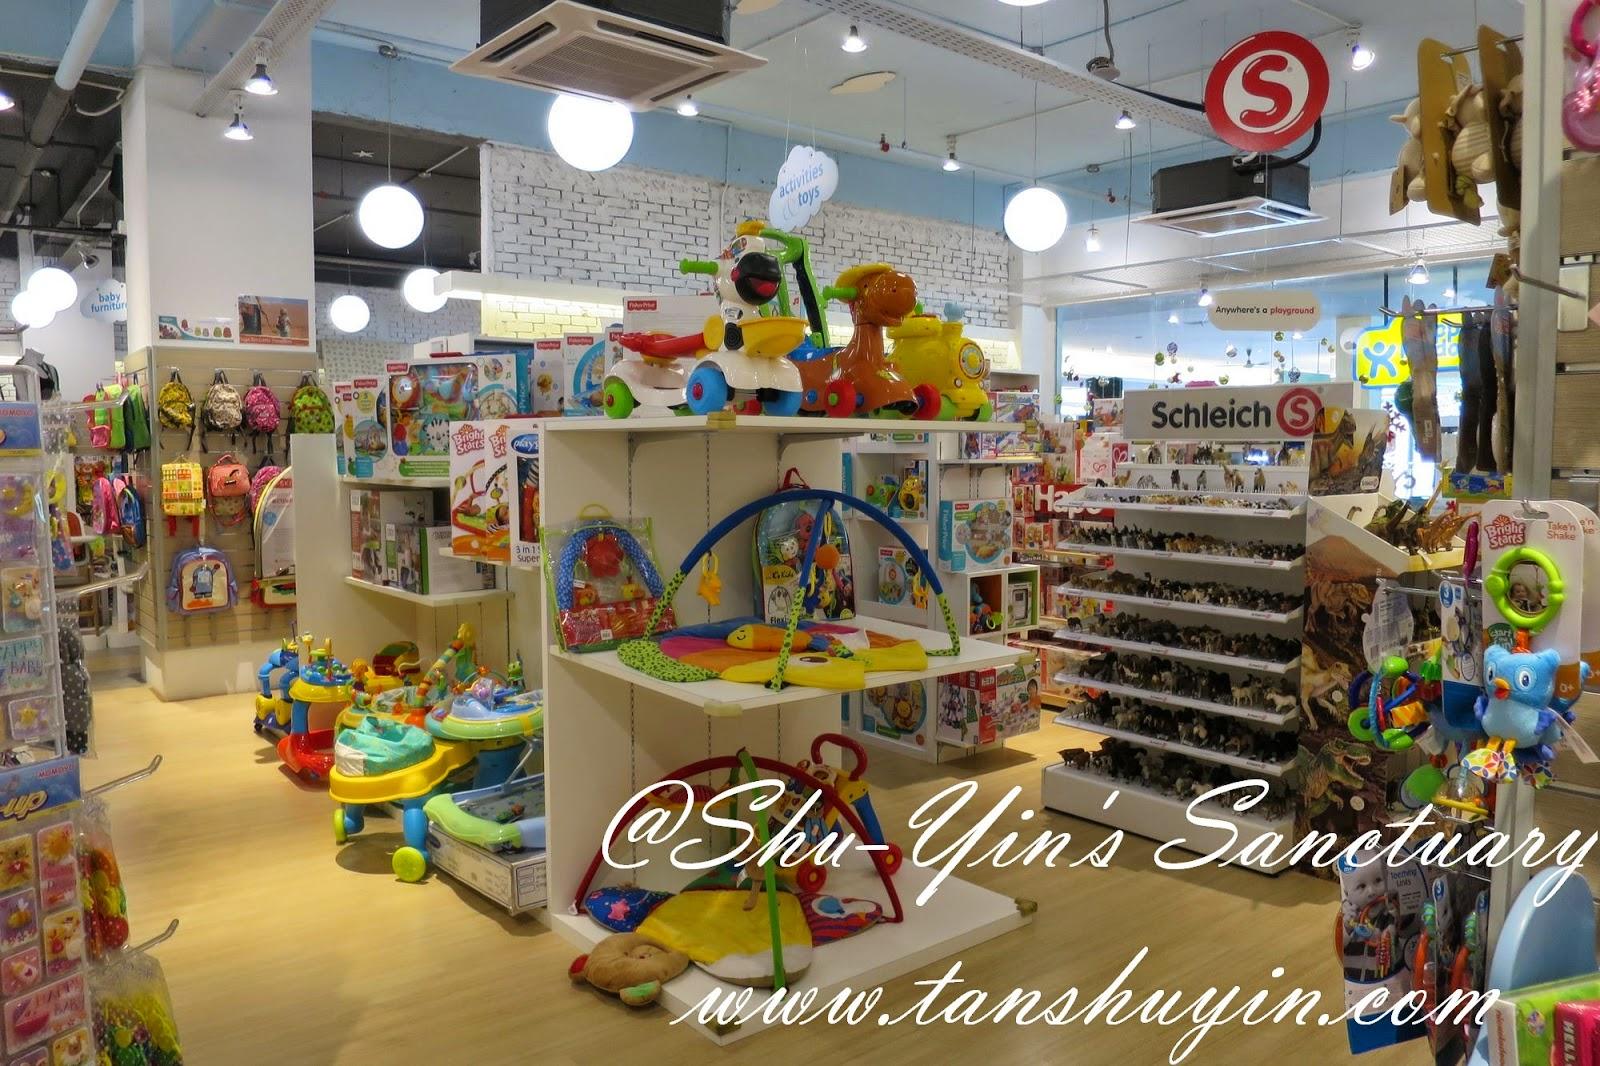 Shu-Yin\'s Sanctuary: Happikiddo - Mum\'s Favourite Shop